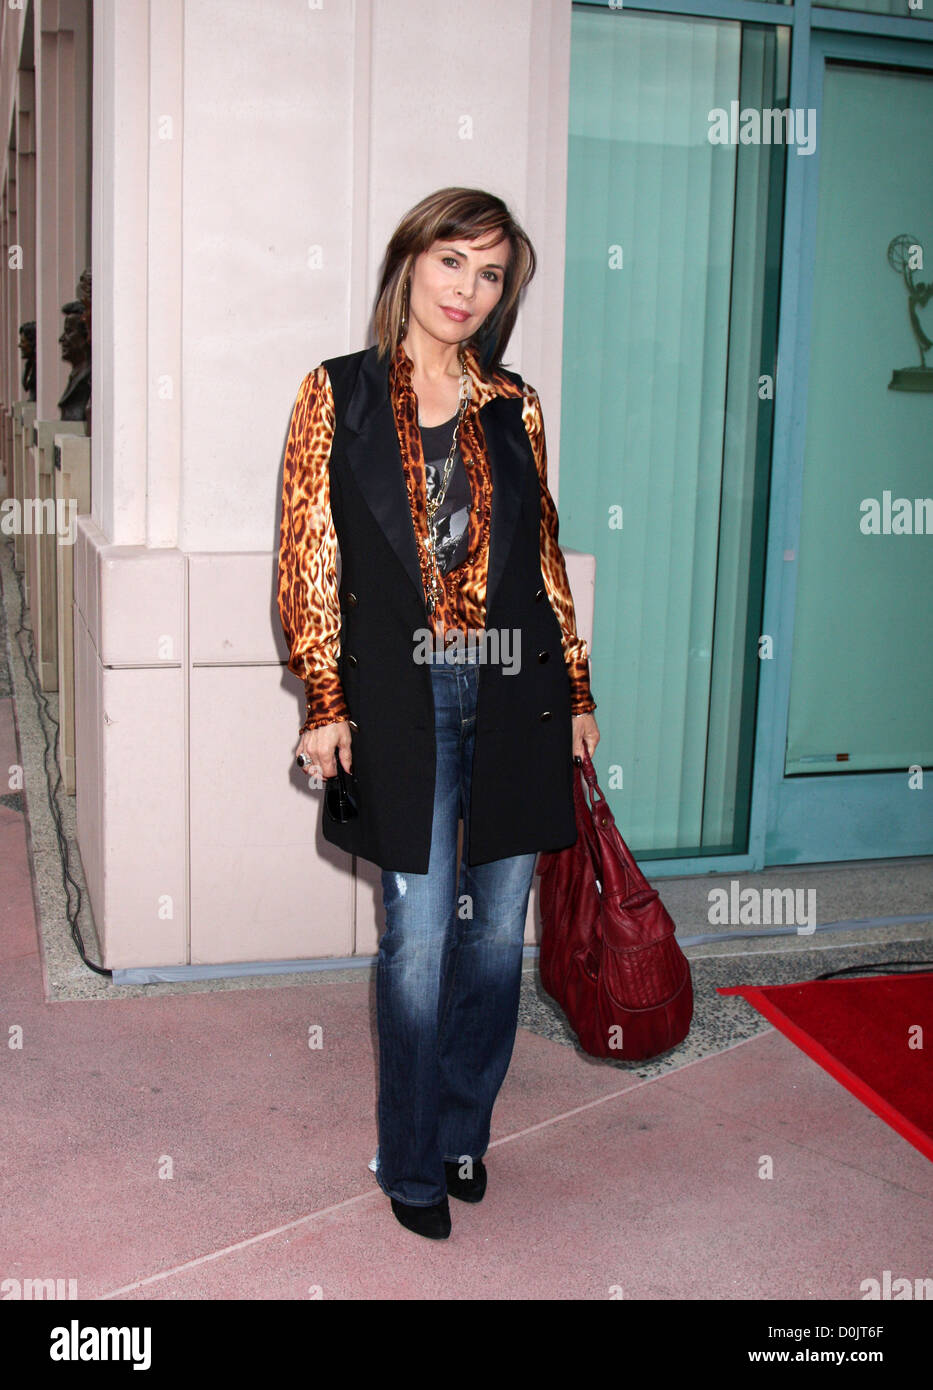 Micheline Lanctot Micheline Lanctot new pictures